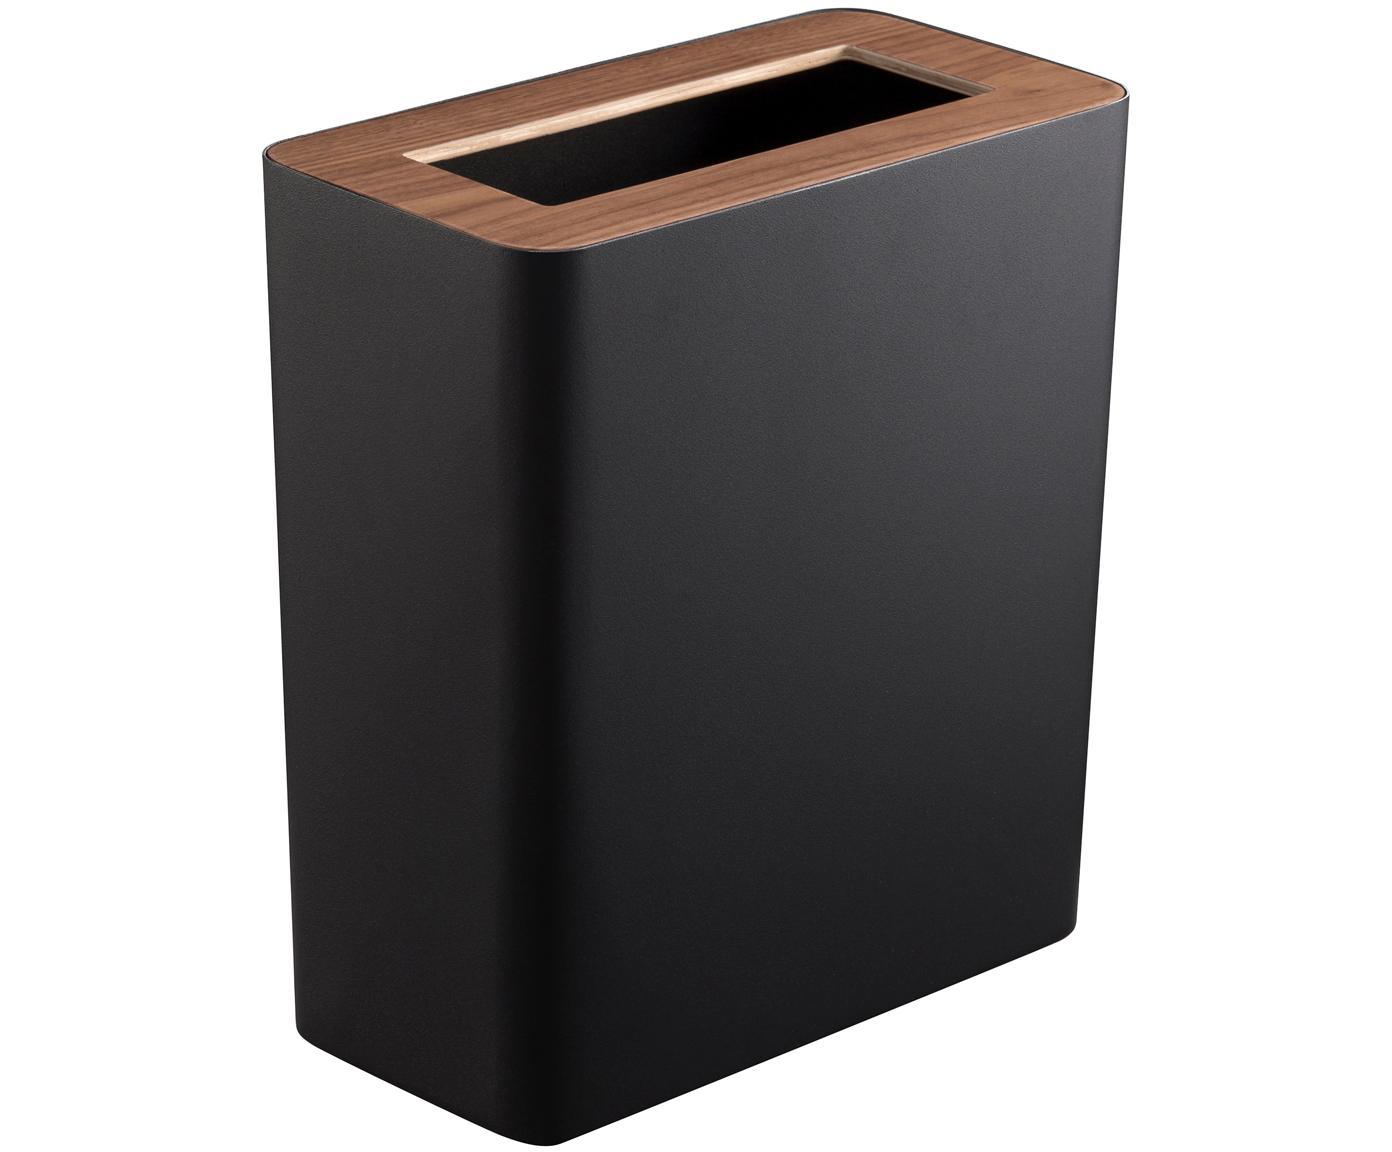 Kosz na śmieci Rin z lakierowanej stali, Czarny, ciemnybrązowy, S 28 x W 30 cm